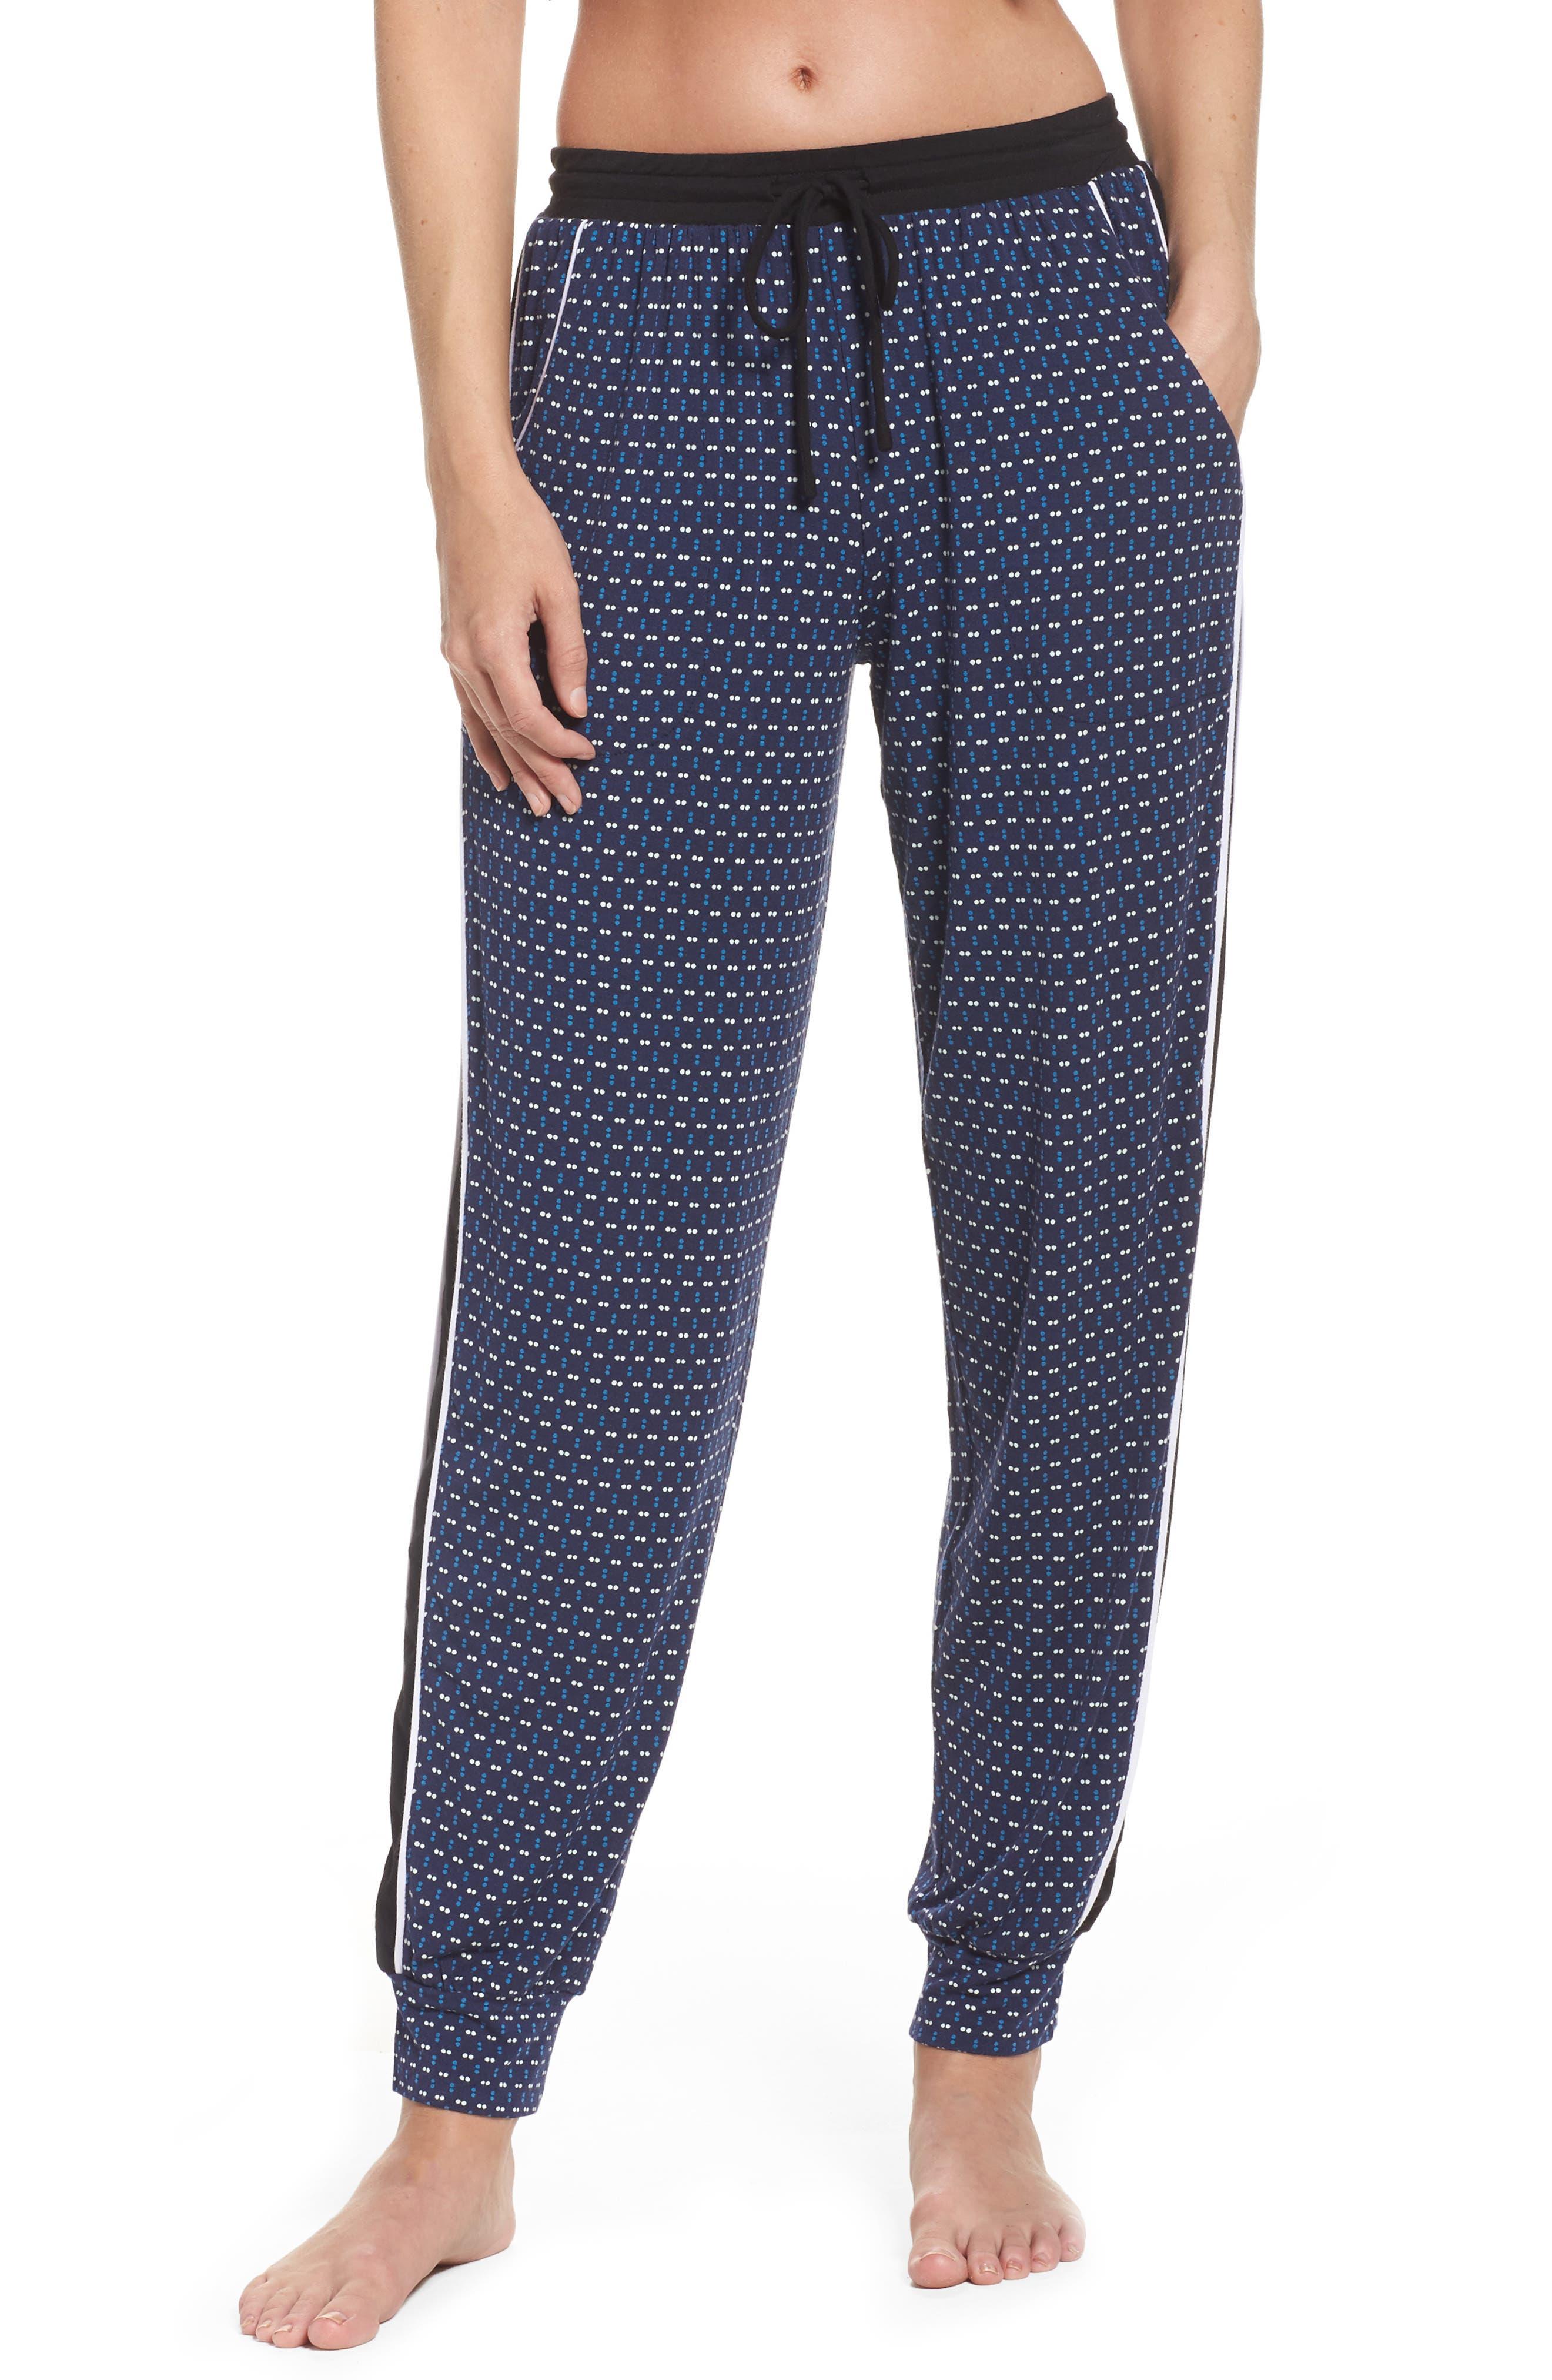 DKNY Sleep Jogger Pants